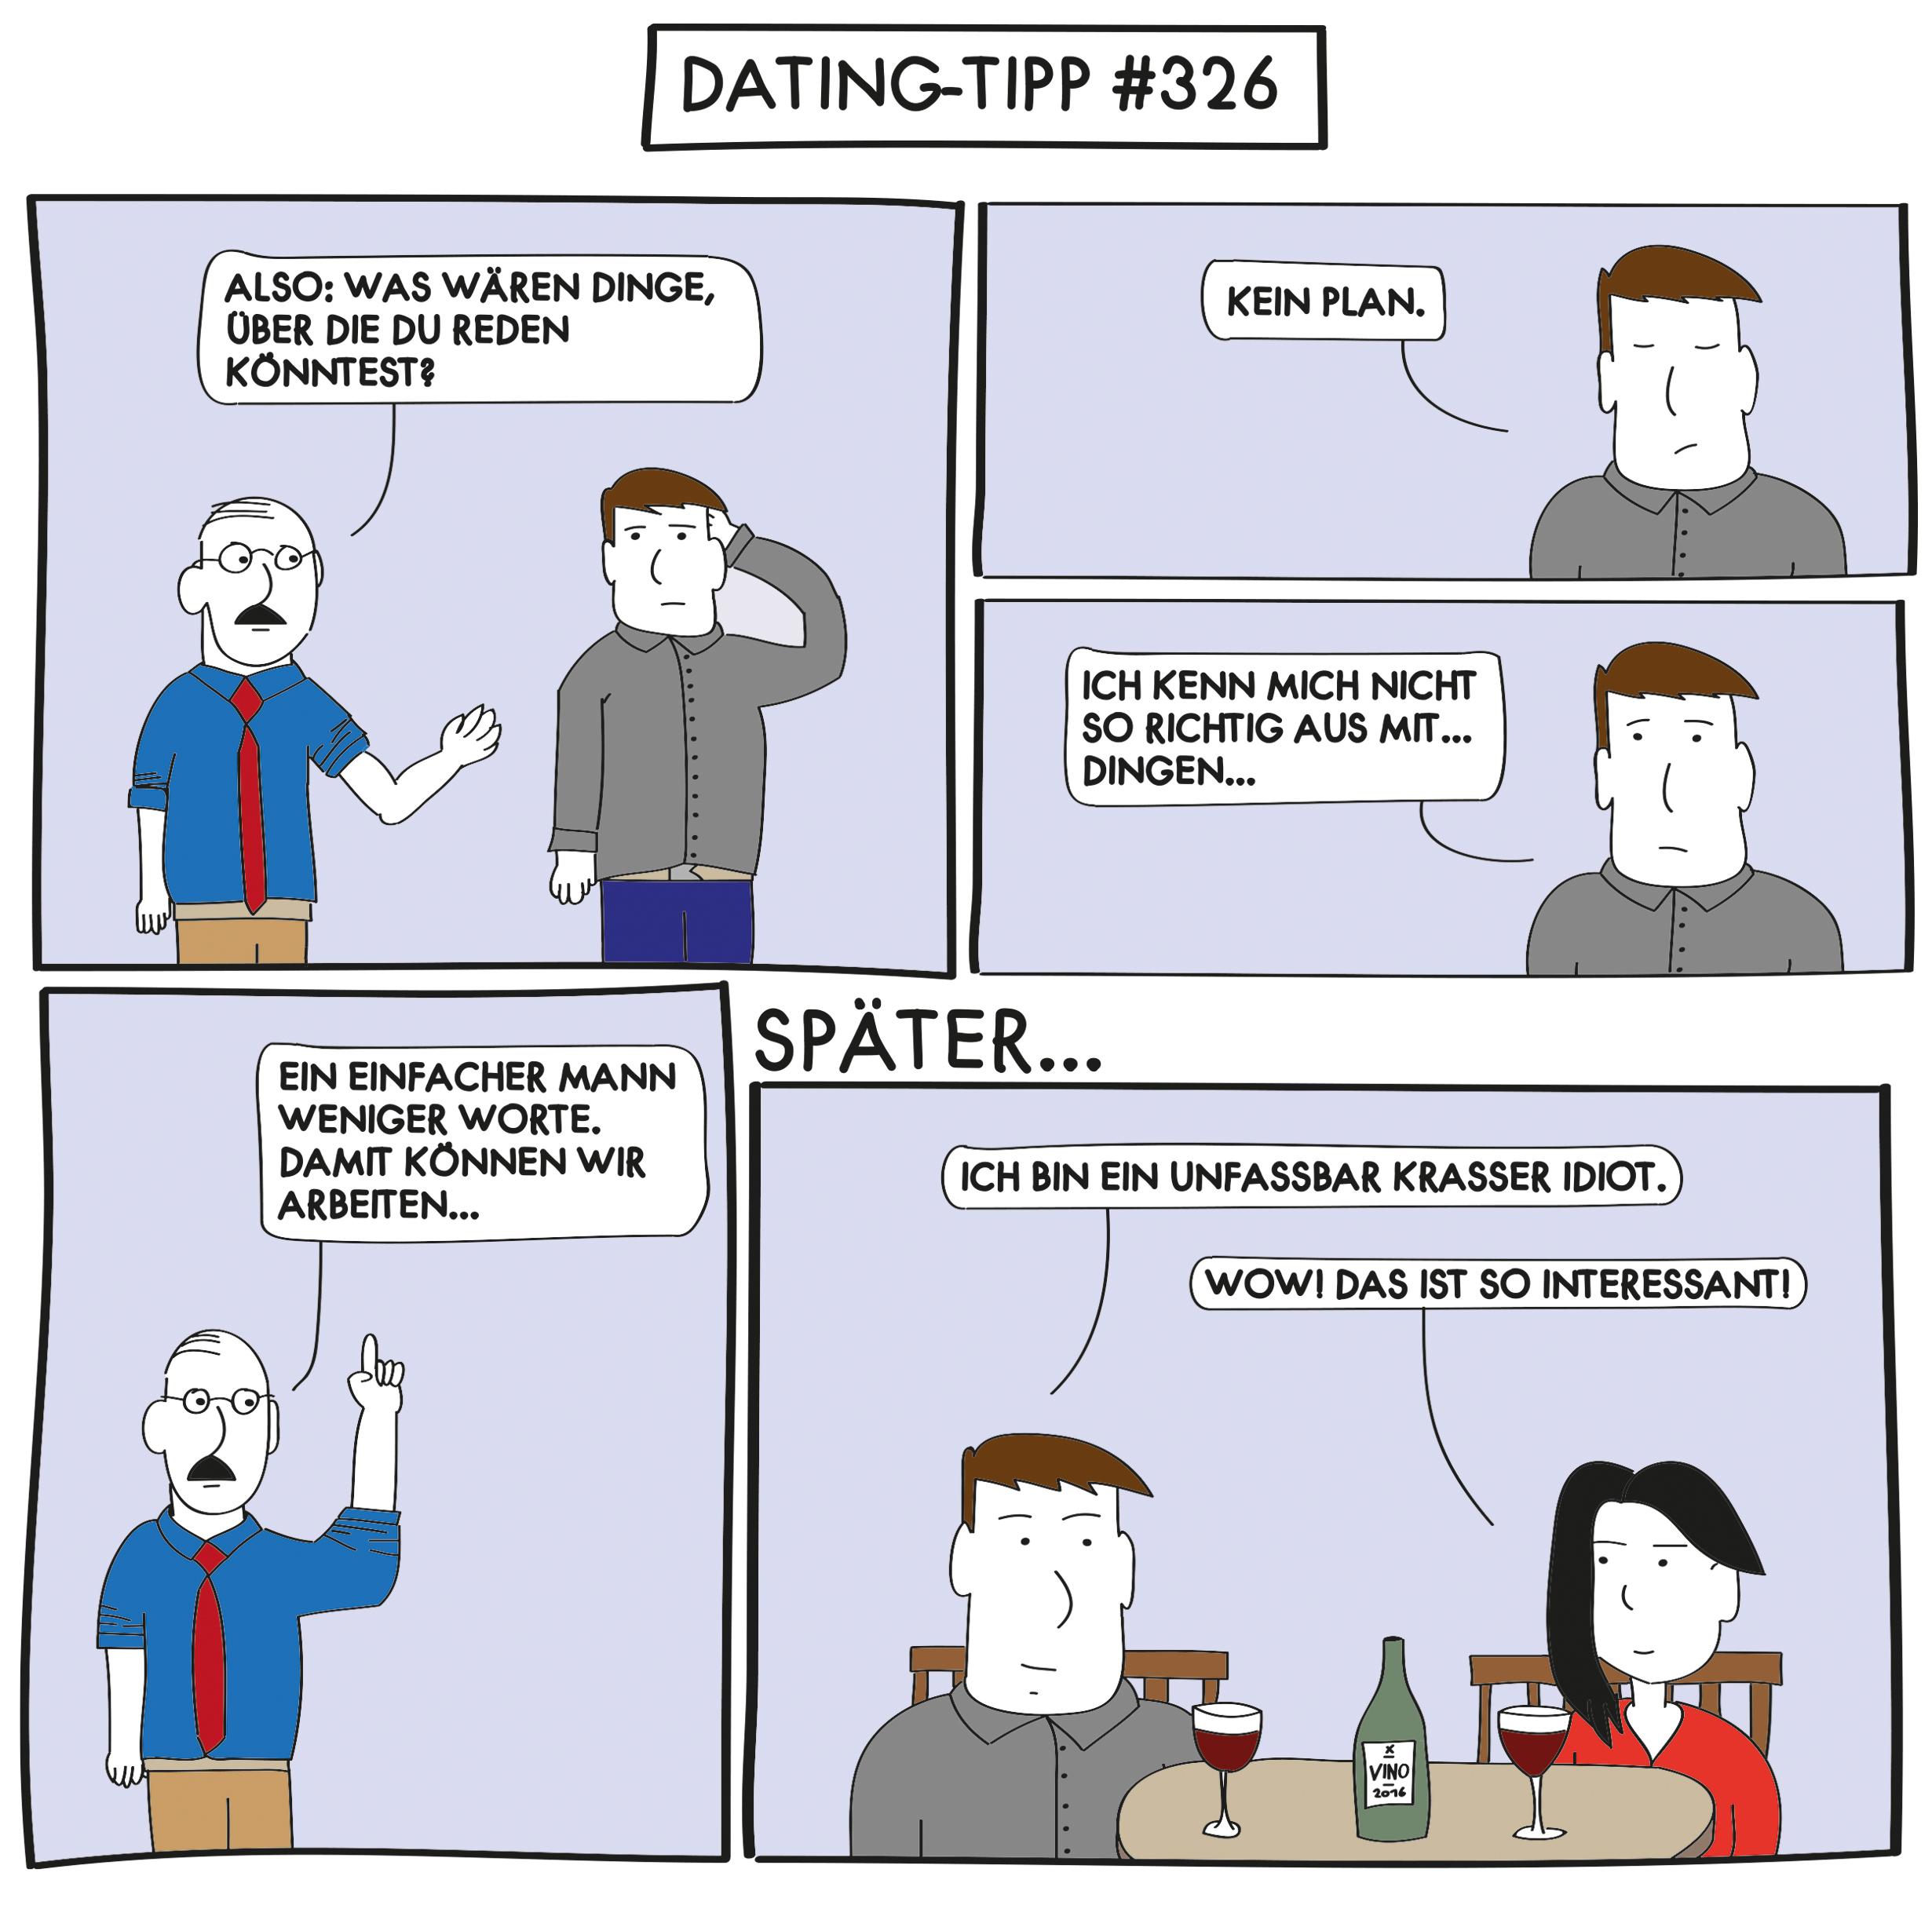 Tipps zur verwendung von dating-sites für erwachsene